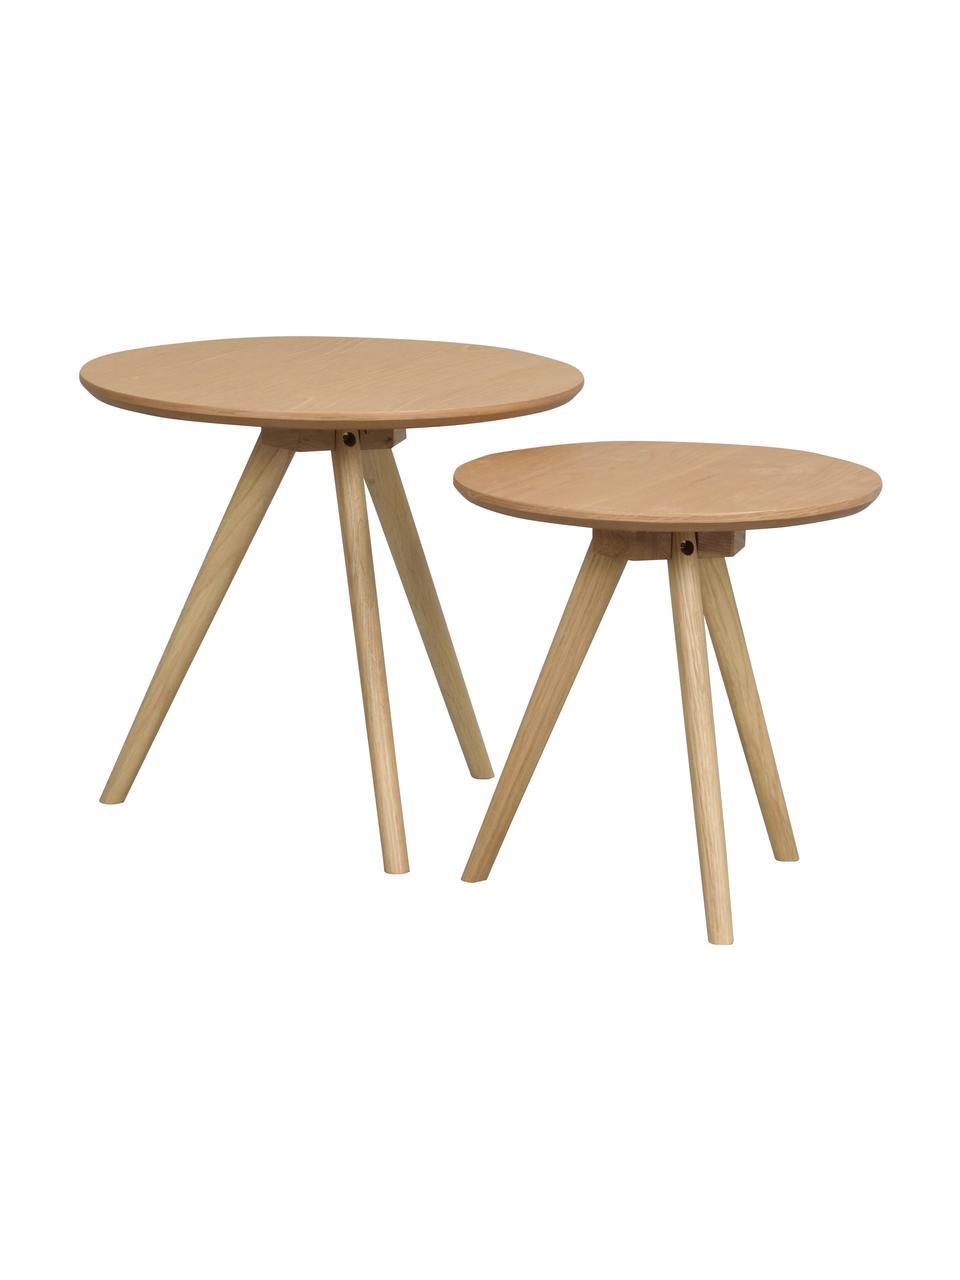 Komplet stolików pomocniczych Yumi, 2 elem., Blat: płyta pilśniowa (MDF) z f, Nogi: lite drewno dębowe, Jasny brązowy, Komplet z różnymi rozmiarami